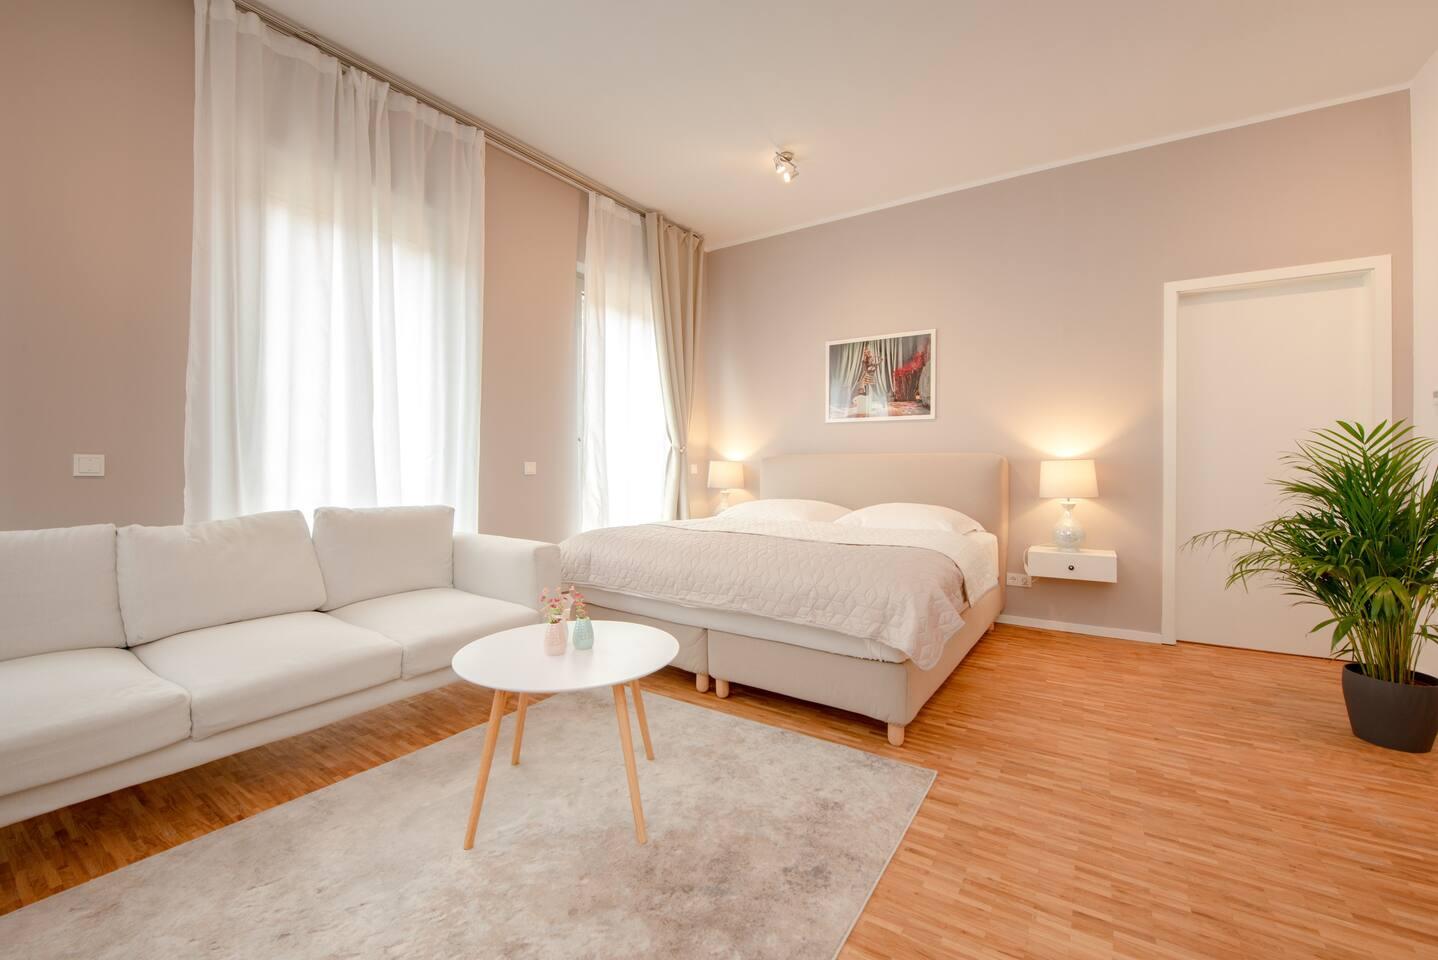 Wohn- und Schlafzimmerbreich mit offener Küche